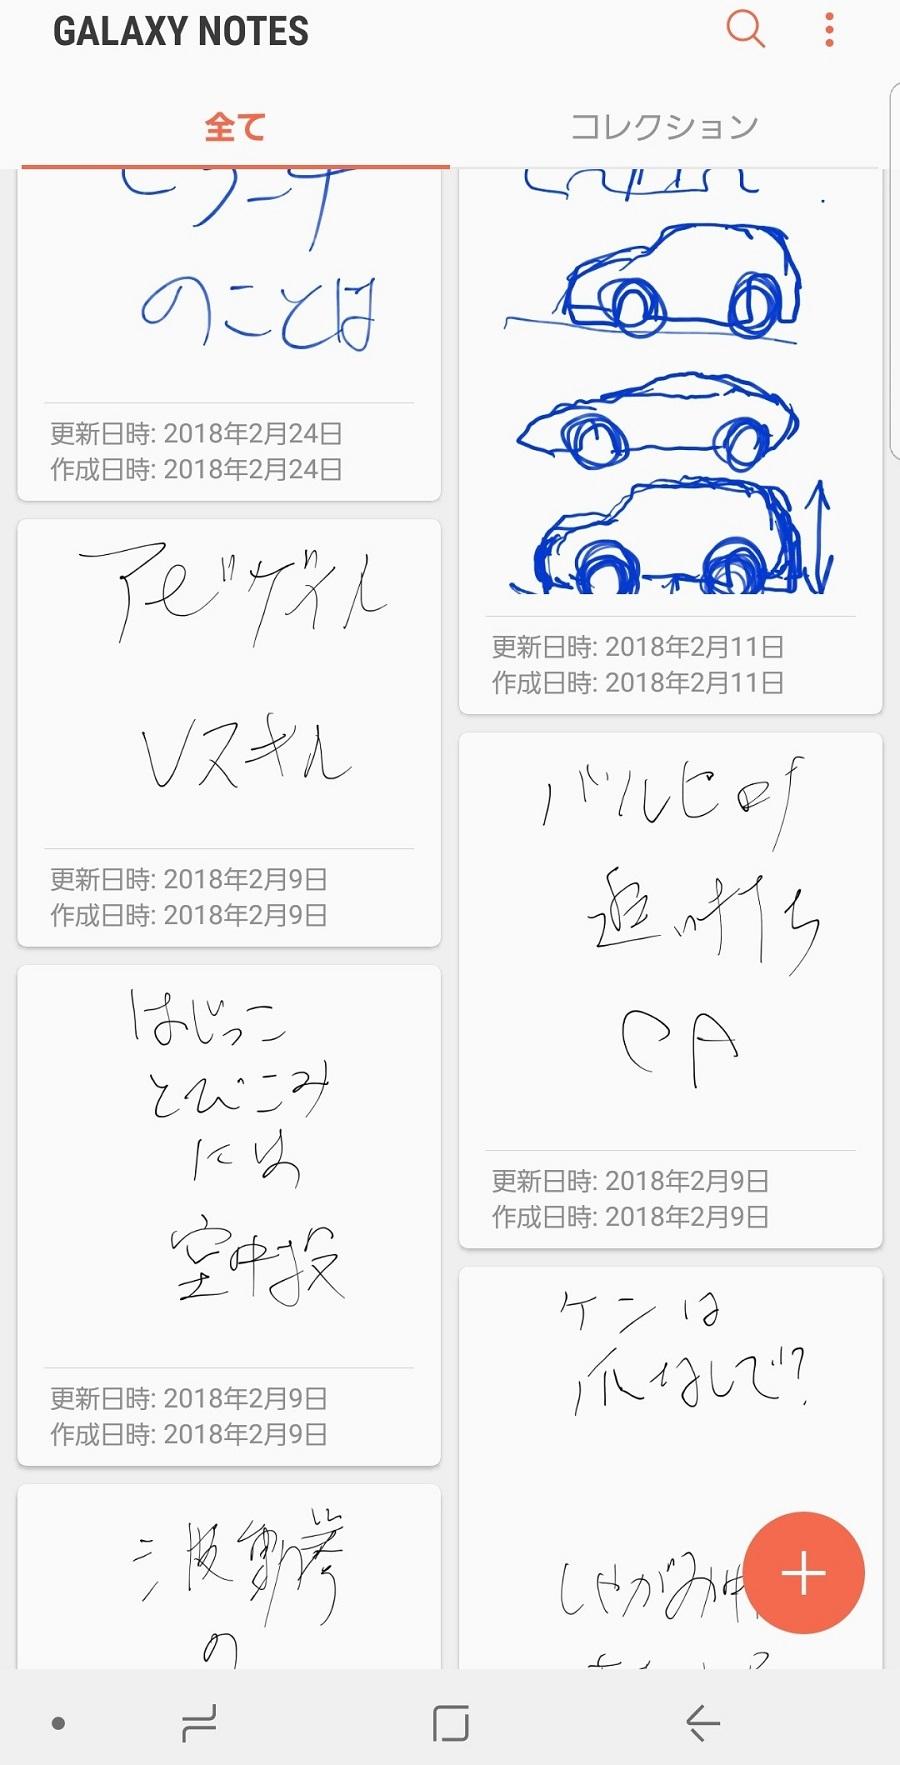 【西川善司のモバイルテックアラカルト】第48回: 大画面☆マニア「Galaxy Note8」を買う